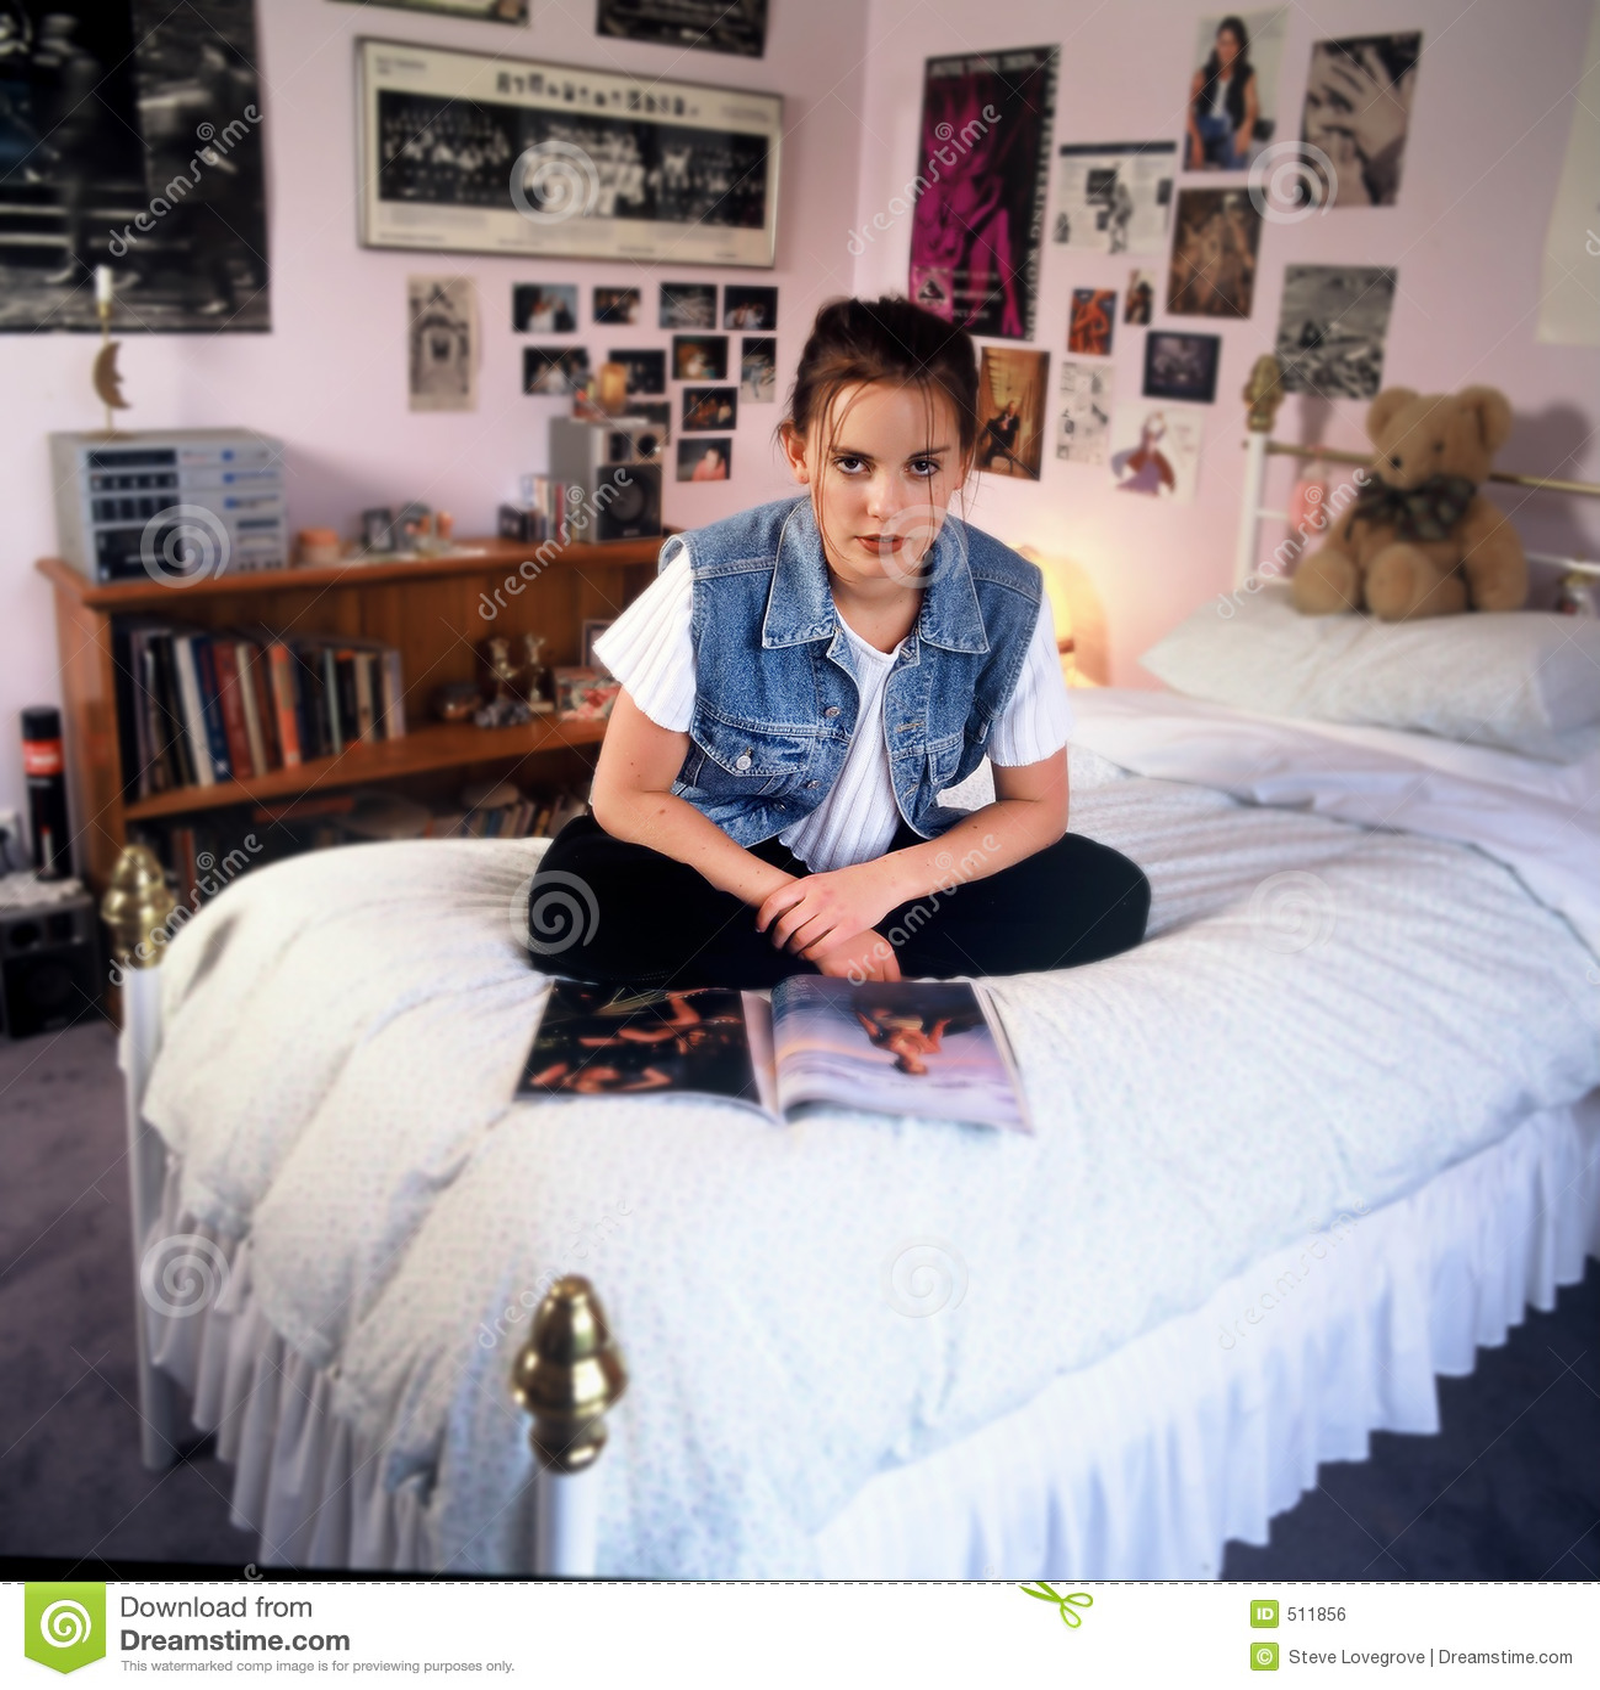 Meisje in slaapkamer royalty vrije stock afbeelding beeld 511856 - Schilderij slaapkamer tiener meisje ...